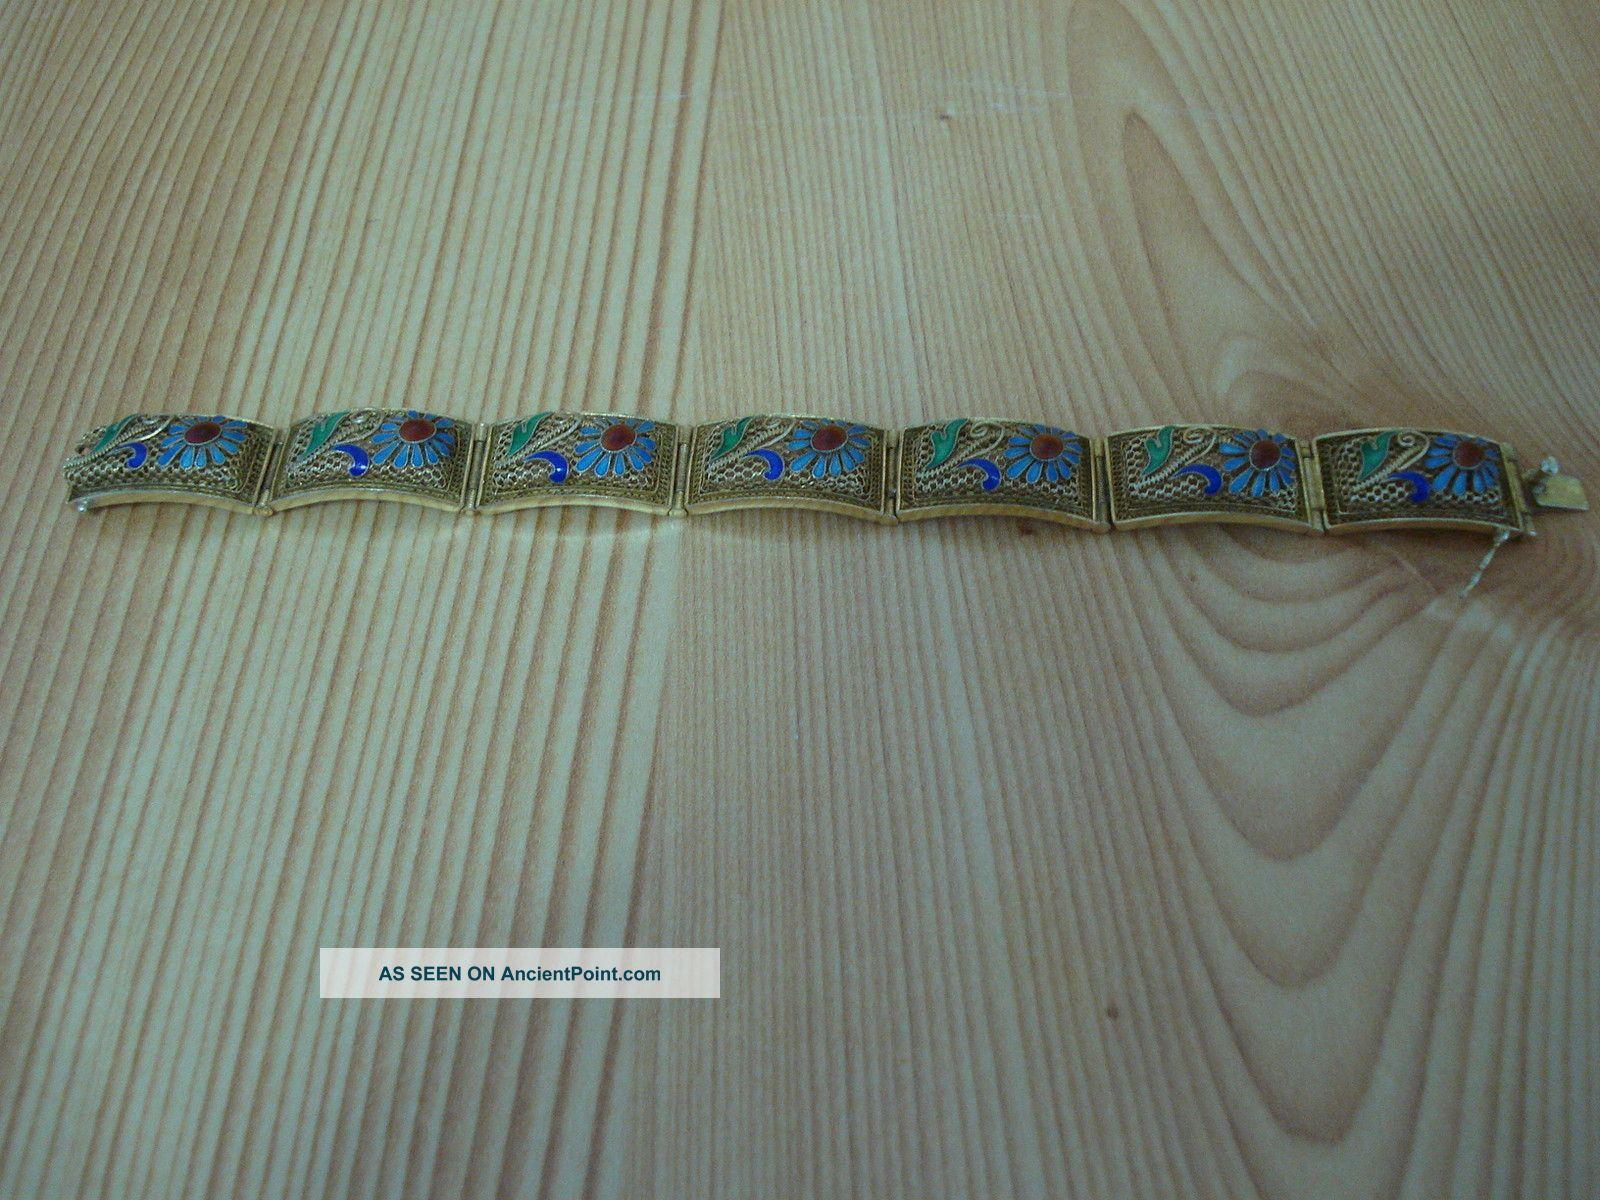 Chinese Handmade Sterling Silver Enamel Gilt Filigree Bracelet. Chinese photo